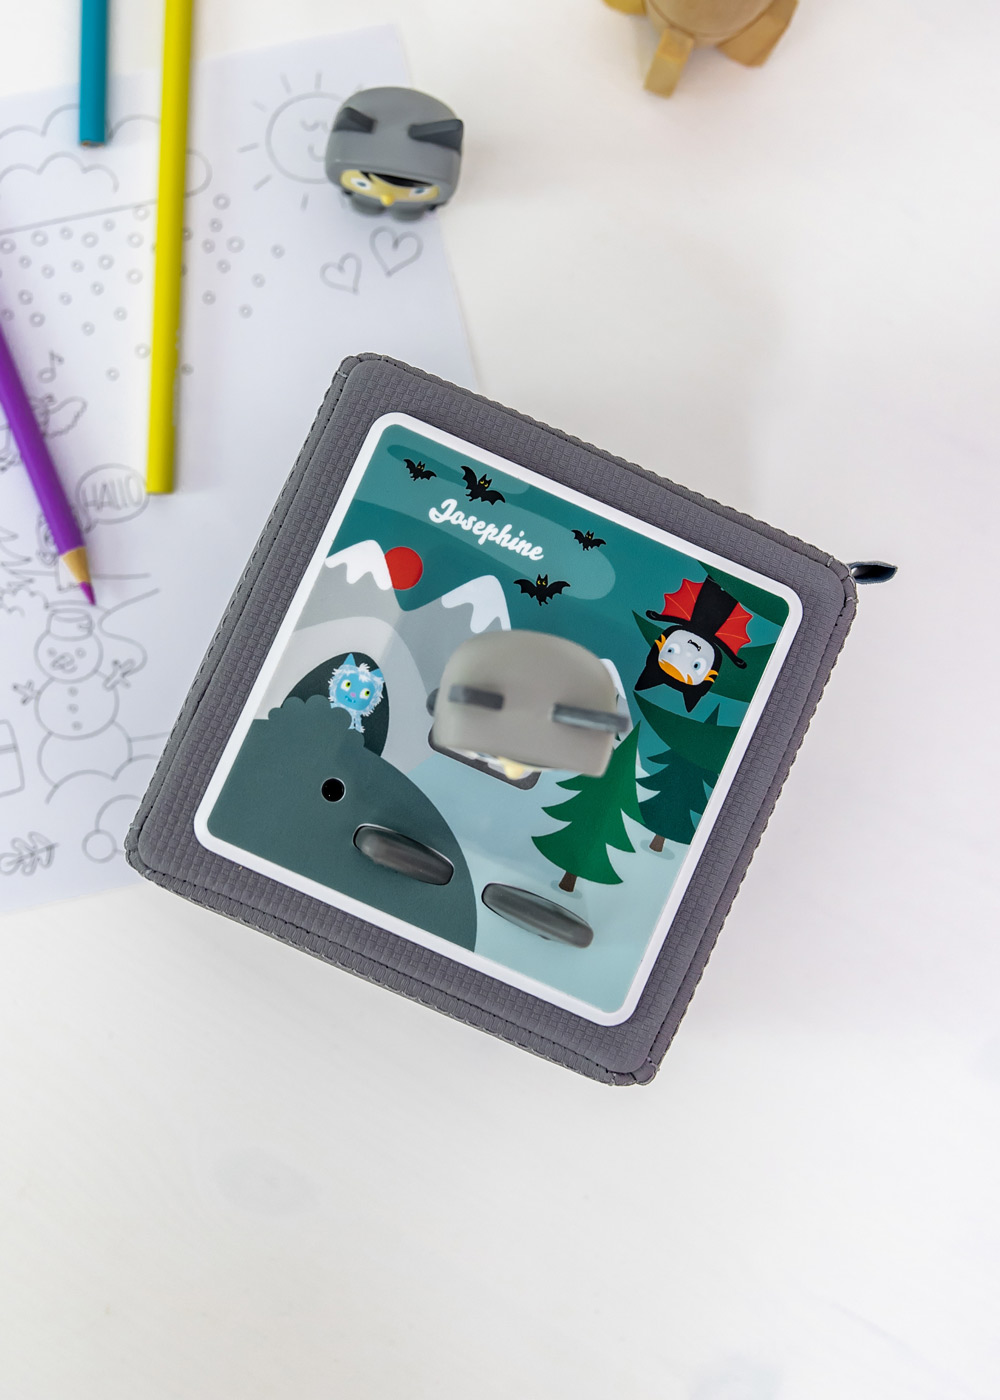 dekofolie toniebox magischer berg personalisiert kindername 3